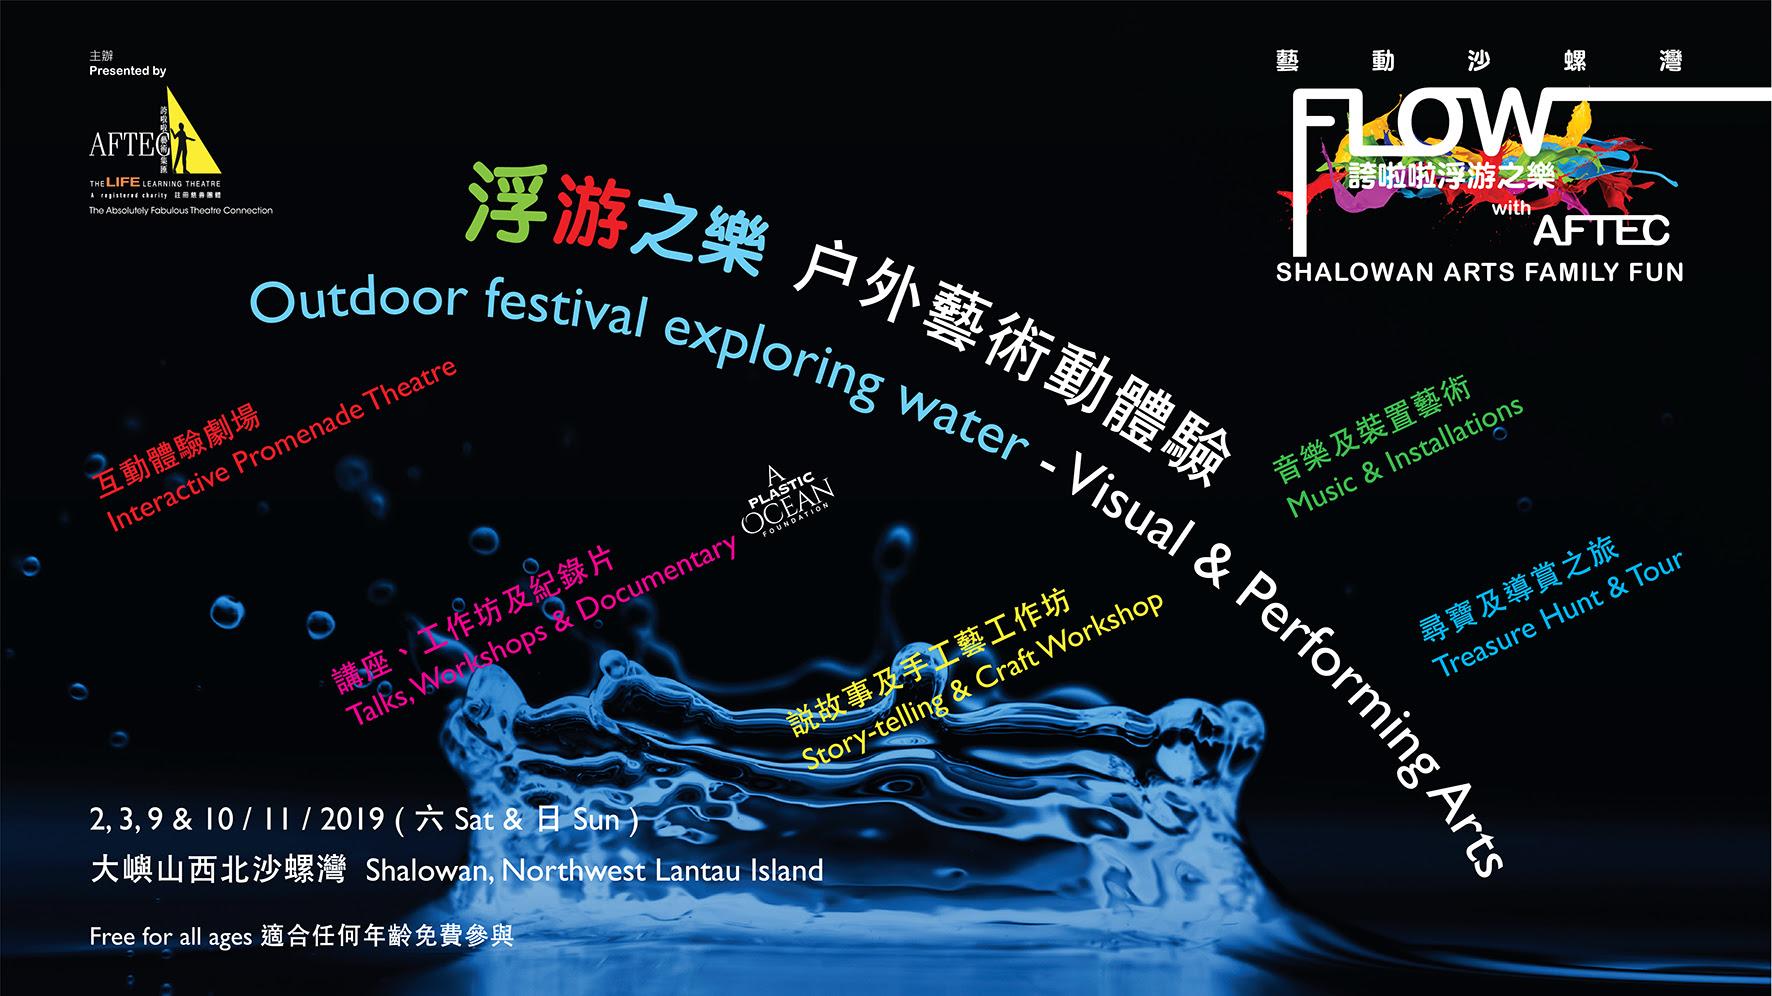 浮游之樂──戶外藝術節宣傳海報。(主辦單位提供)